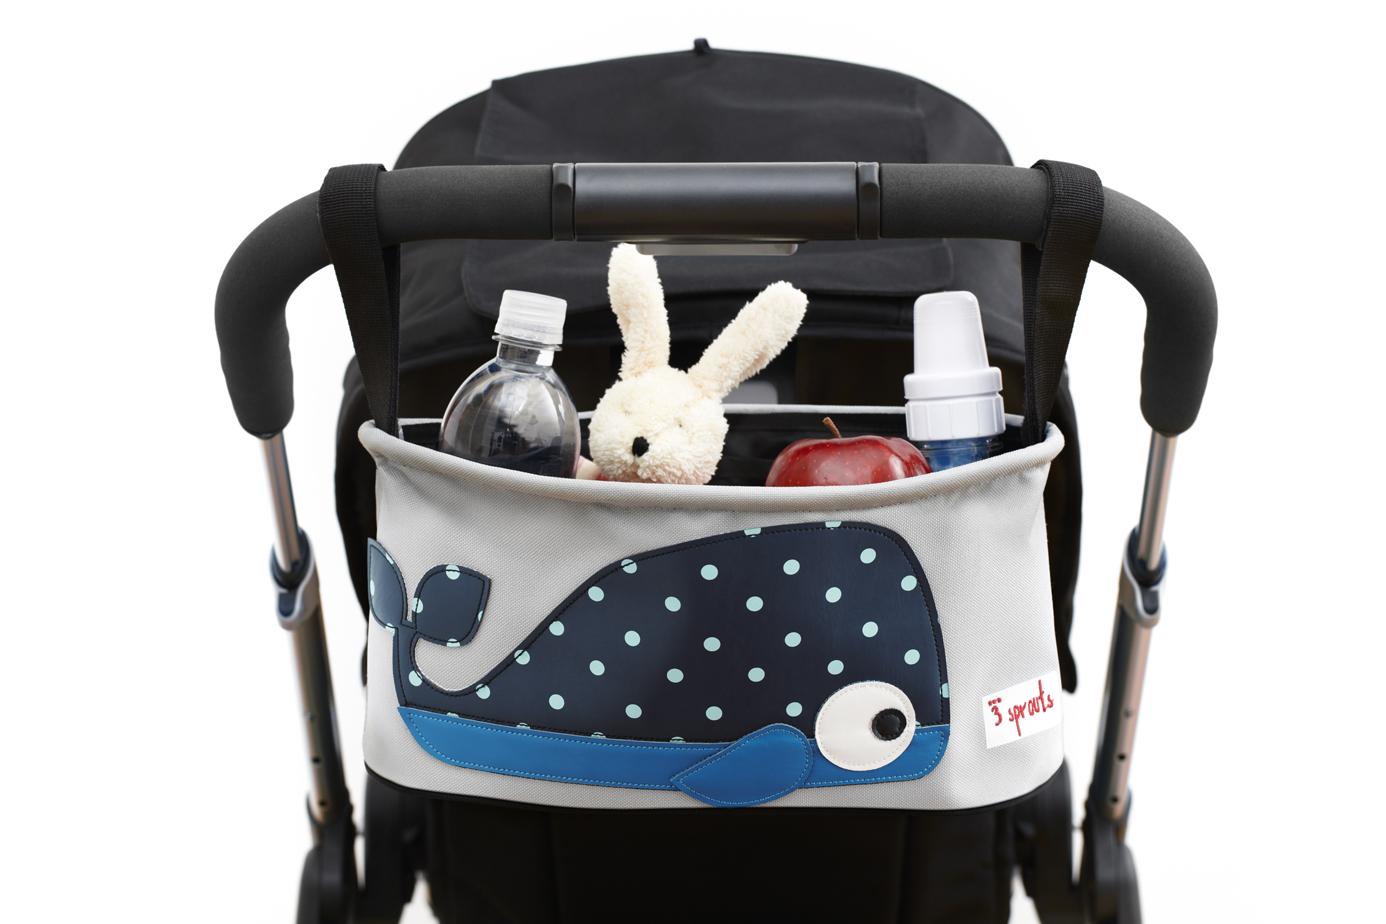 Kinderwagentasche von 3 Sprouts Wal 2